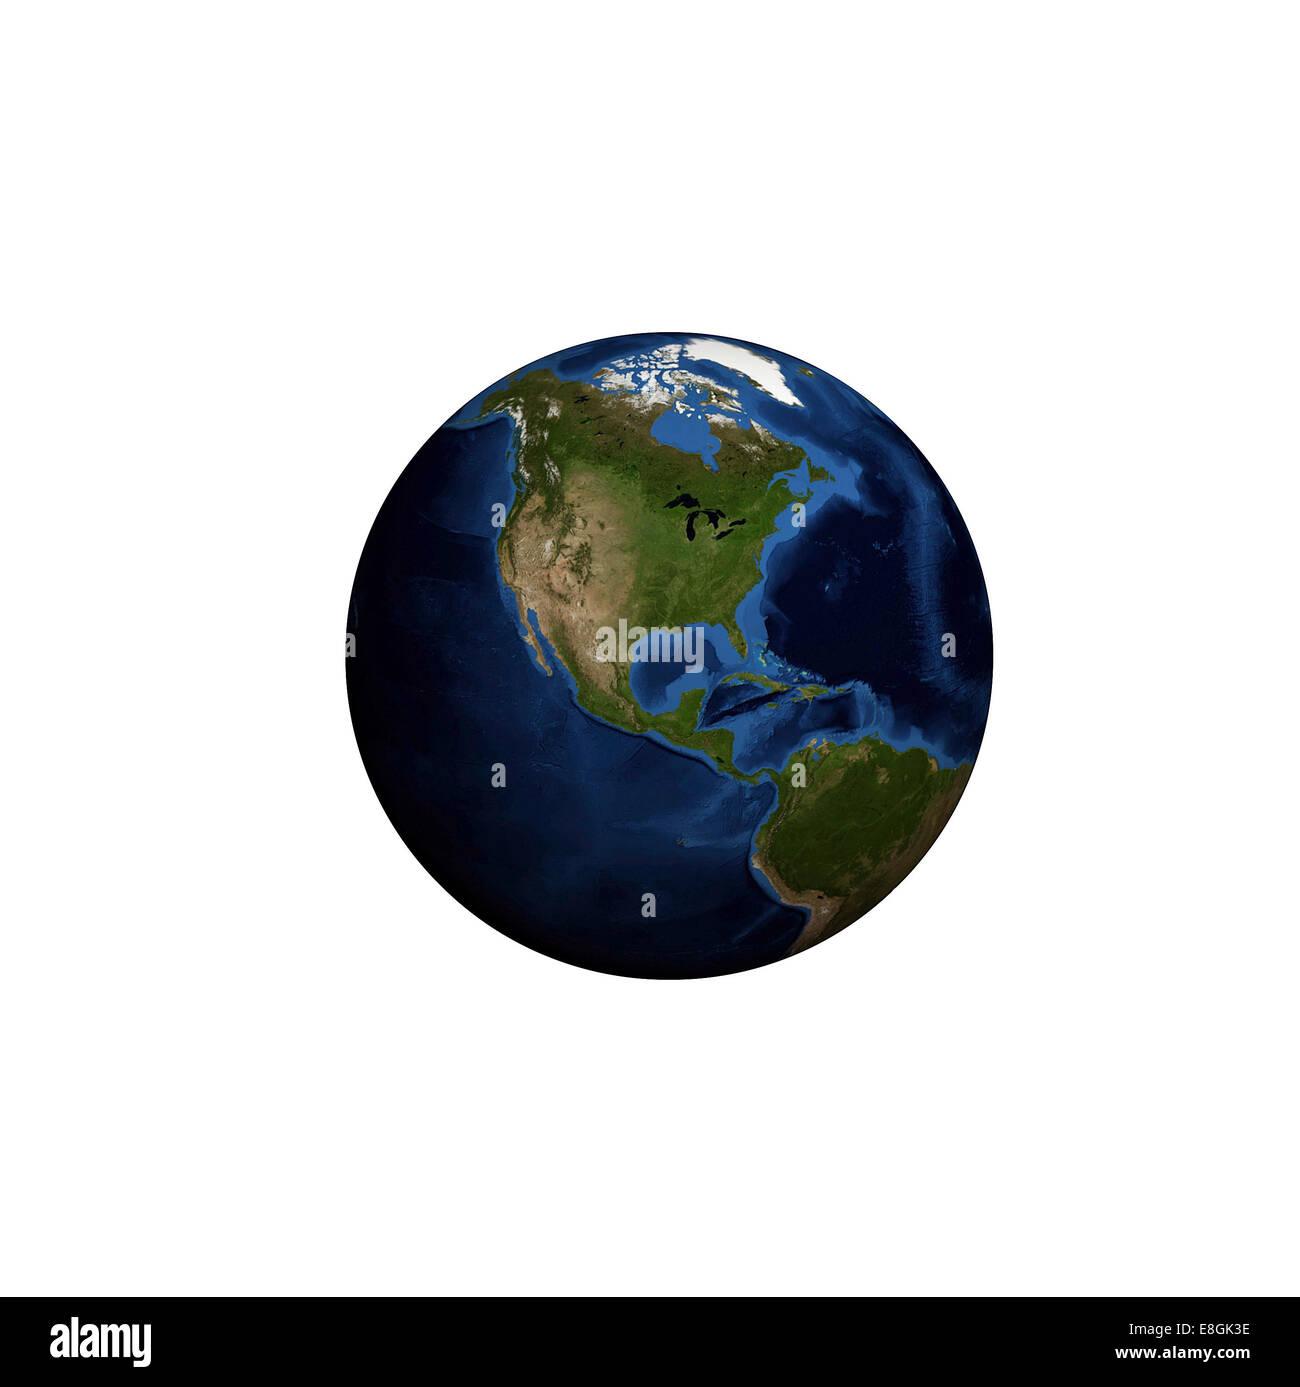 Generati digitalmente immagine del pianeta terra Immagini Stock